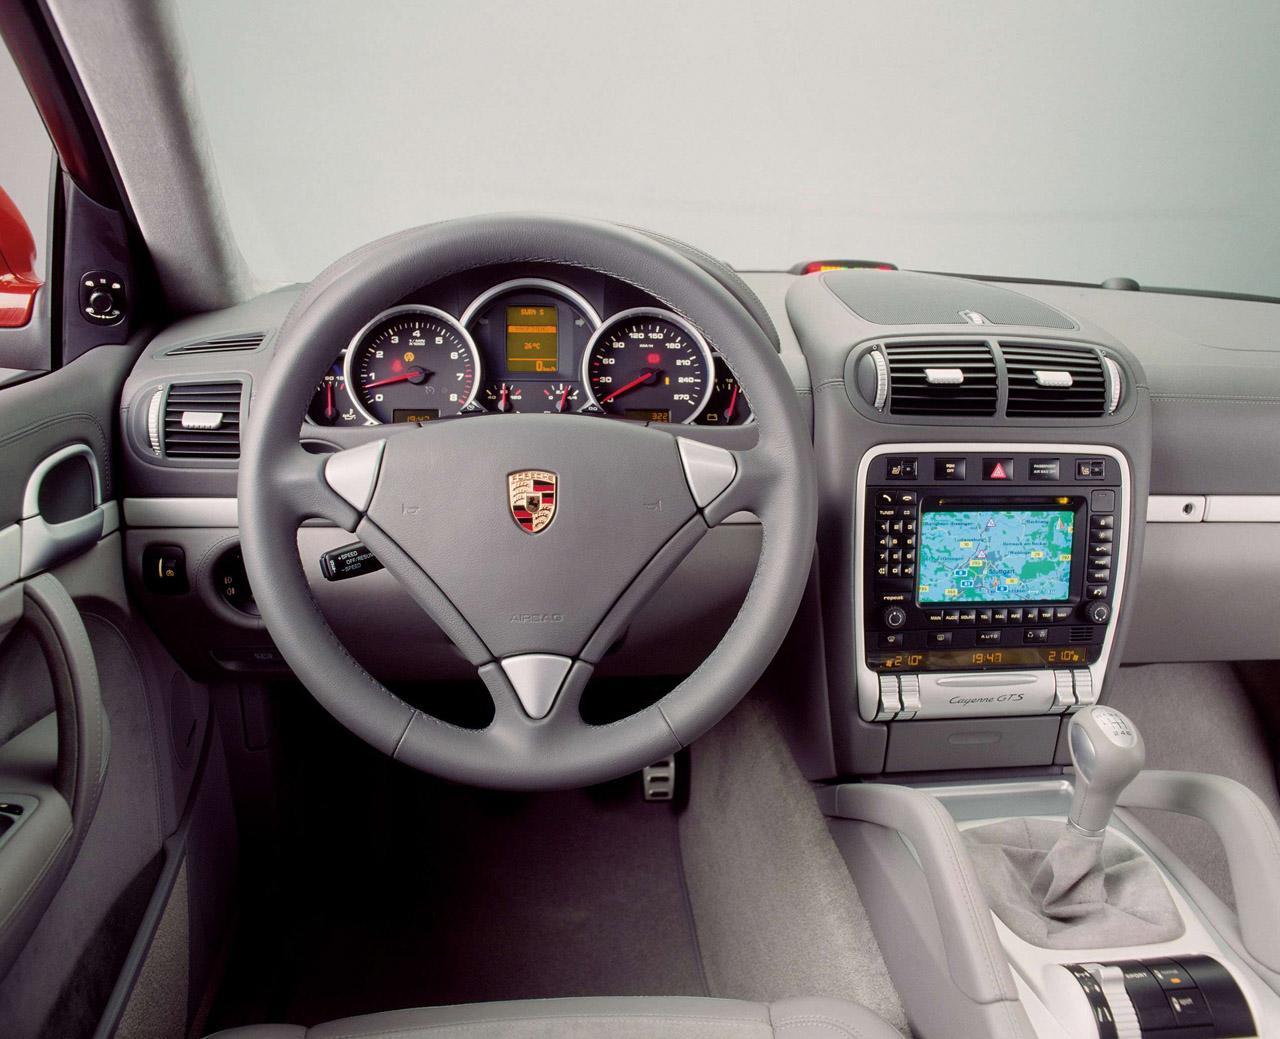 Porsche Cayenne Gts Image 2